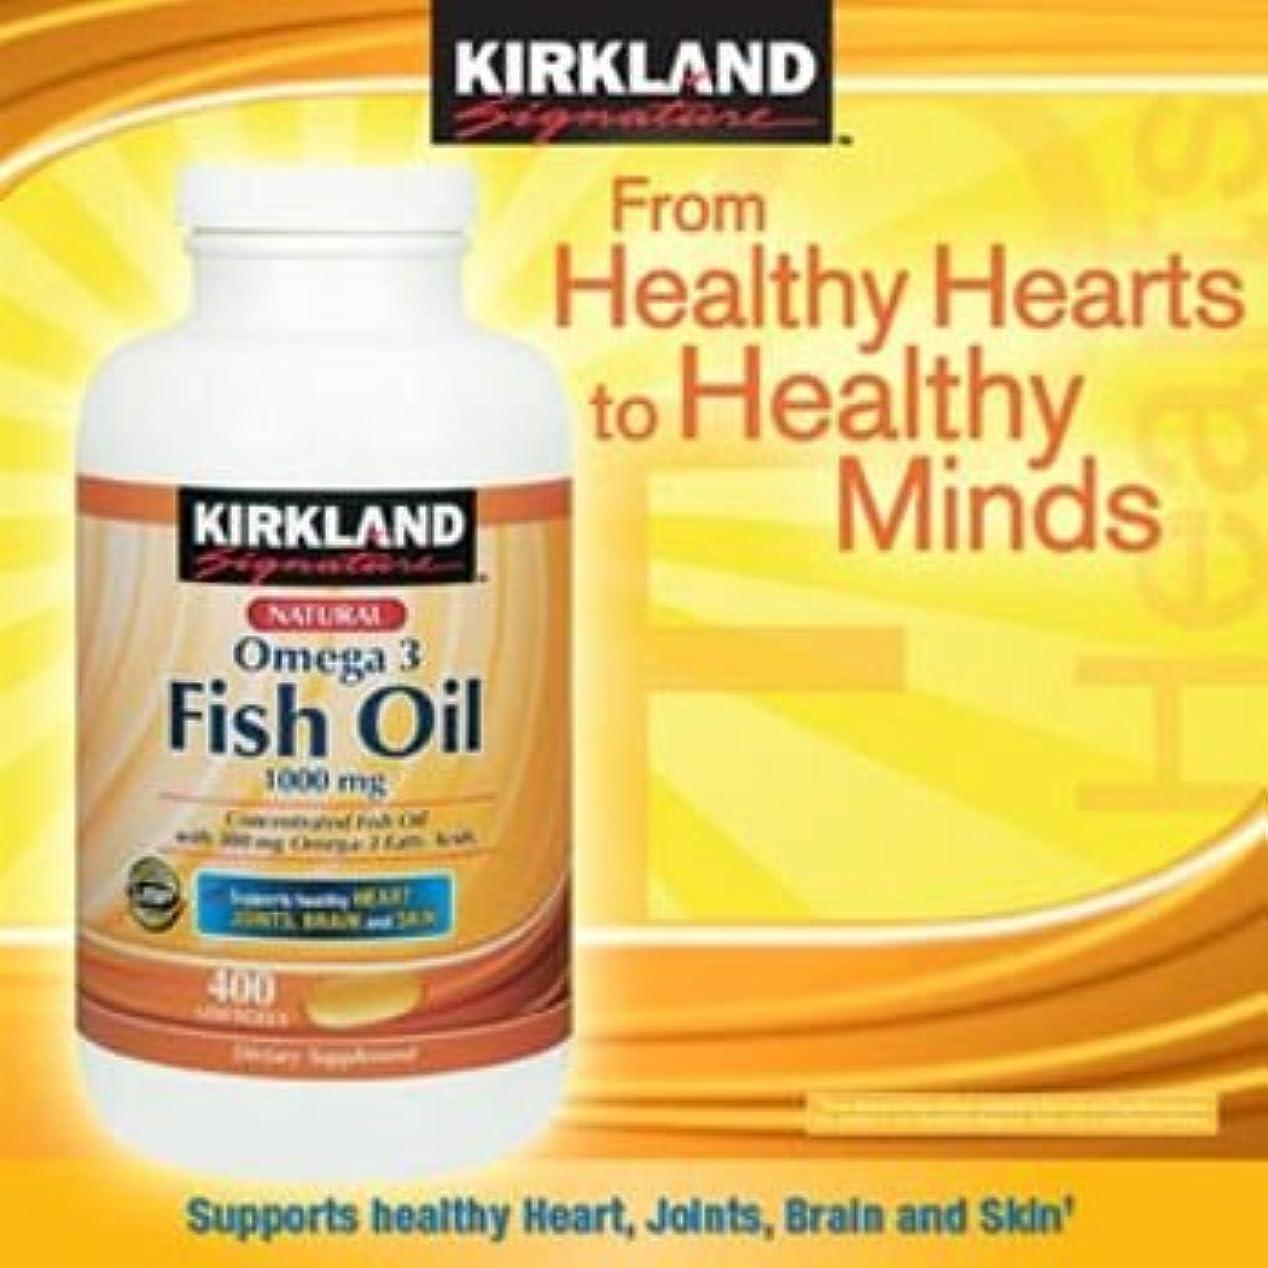 バッジ通信網以上KIRKLAND社 フィッシュオイル (DHA+EPA) オメガ3 1000mg 400ソフトカプセル 3本 [並行輸入品] [海外直送品] 3 Bottles of KIRKLAND's Fish Oil (DHA + EPA) omega-3 1000mg 400 soft capsules [parallel import goods] [overseas direct shipment product]